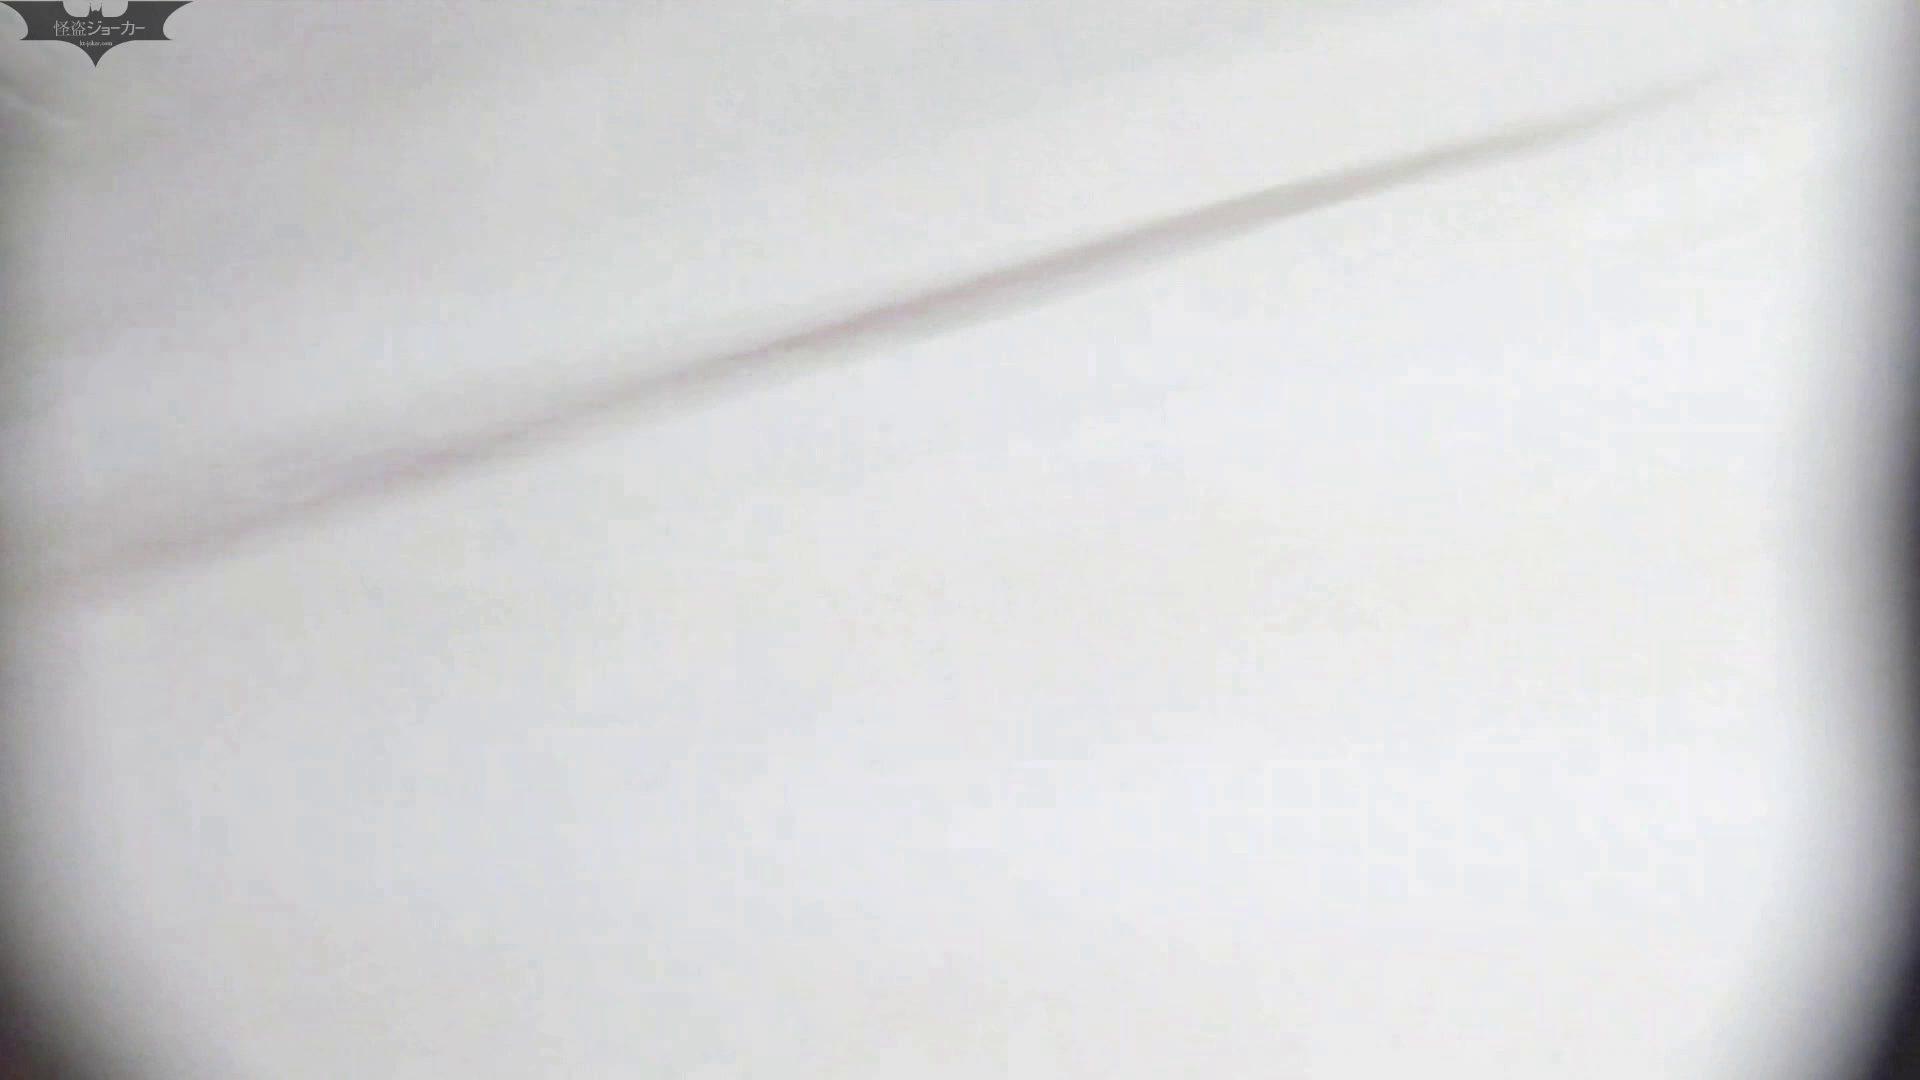 洗面所特攻隊 vol.57過食症に悩む美女 美女のボディ   洗面所  51PIX 7